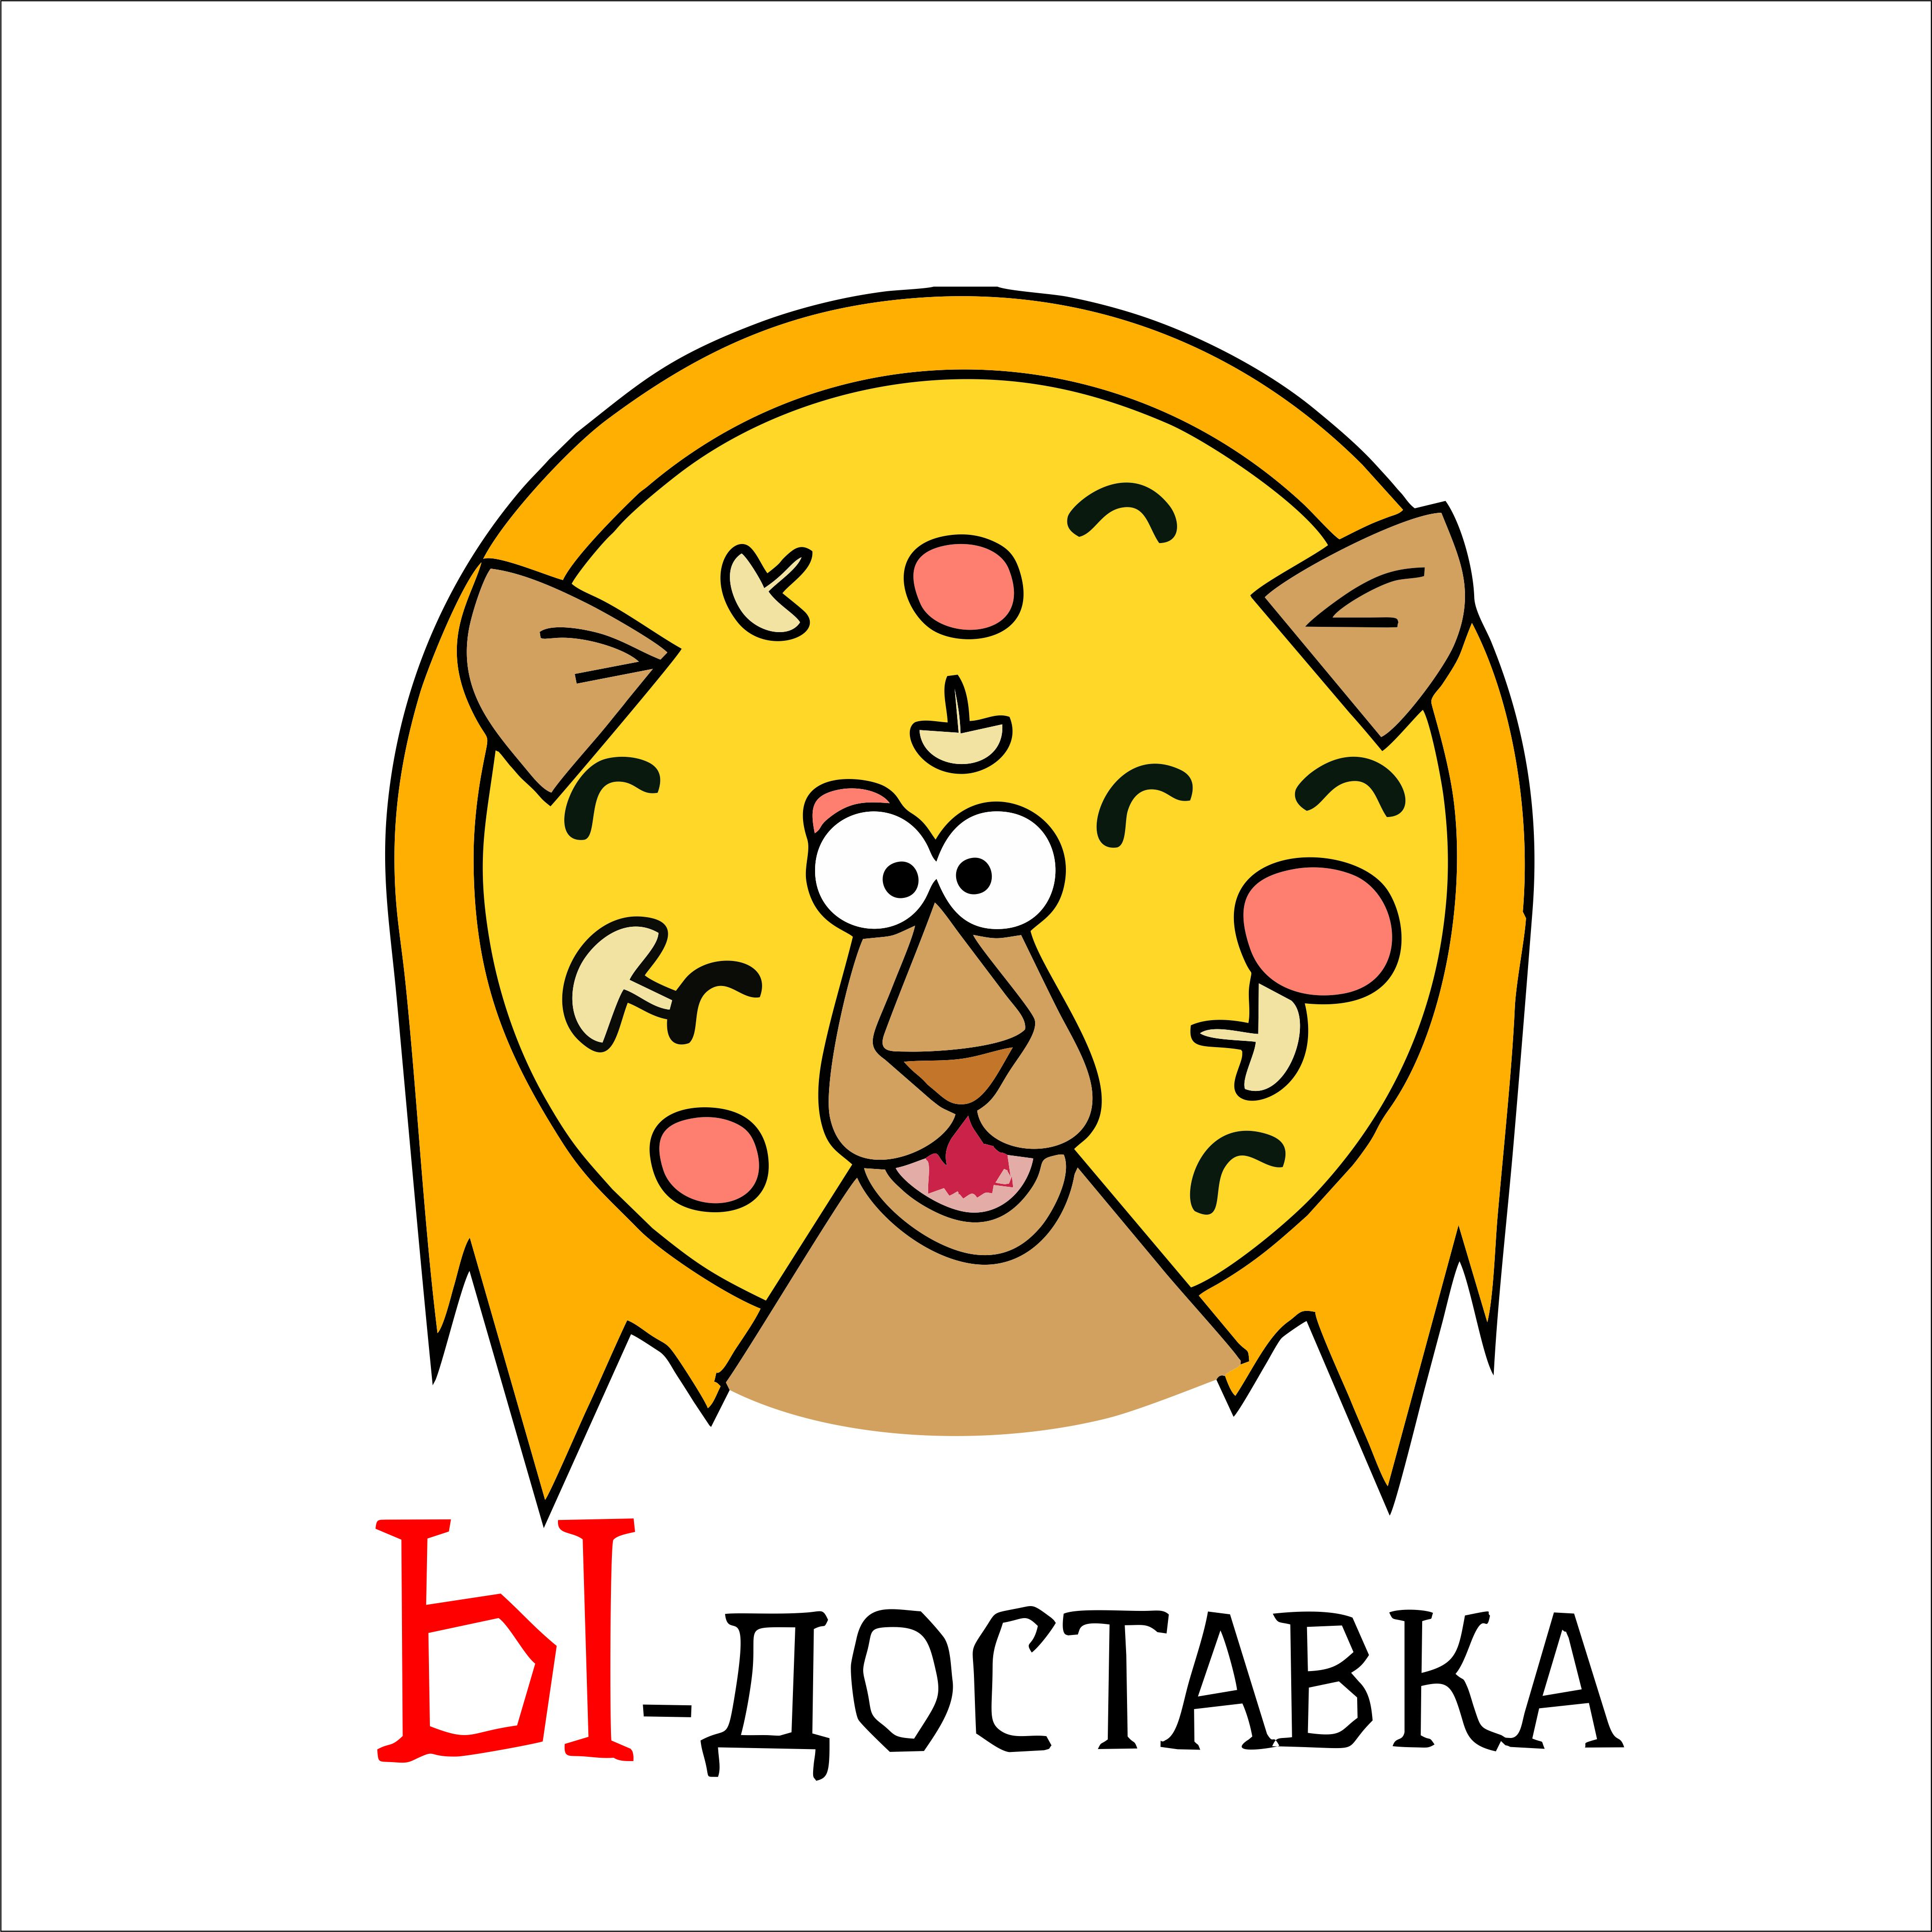 Разыскивается дизайнер для разработки лого службы доставки фото f_8485c37ca80d0fd8.jpg